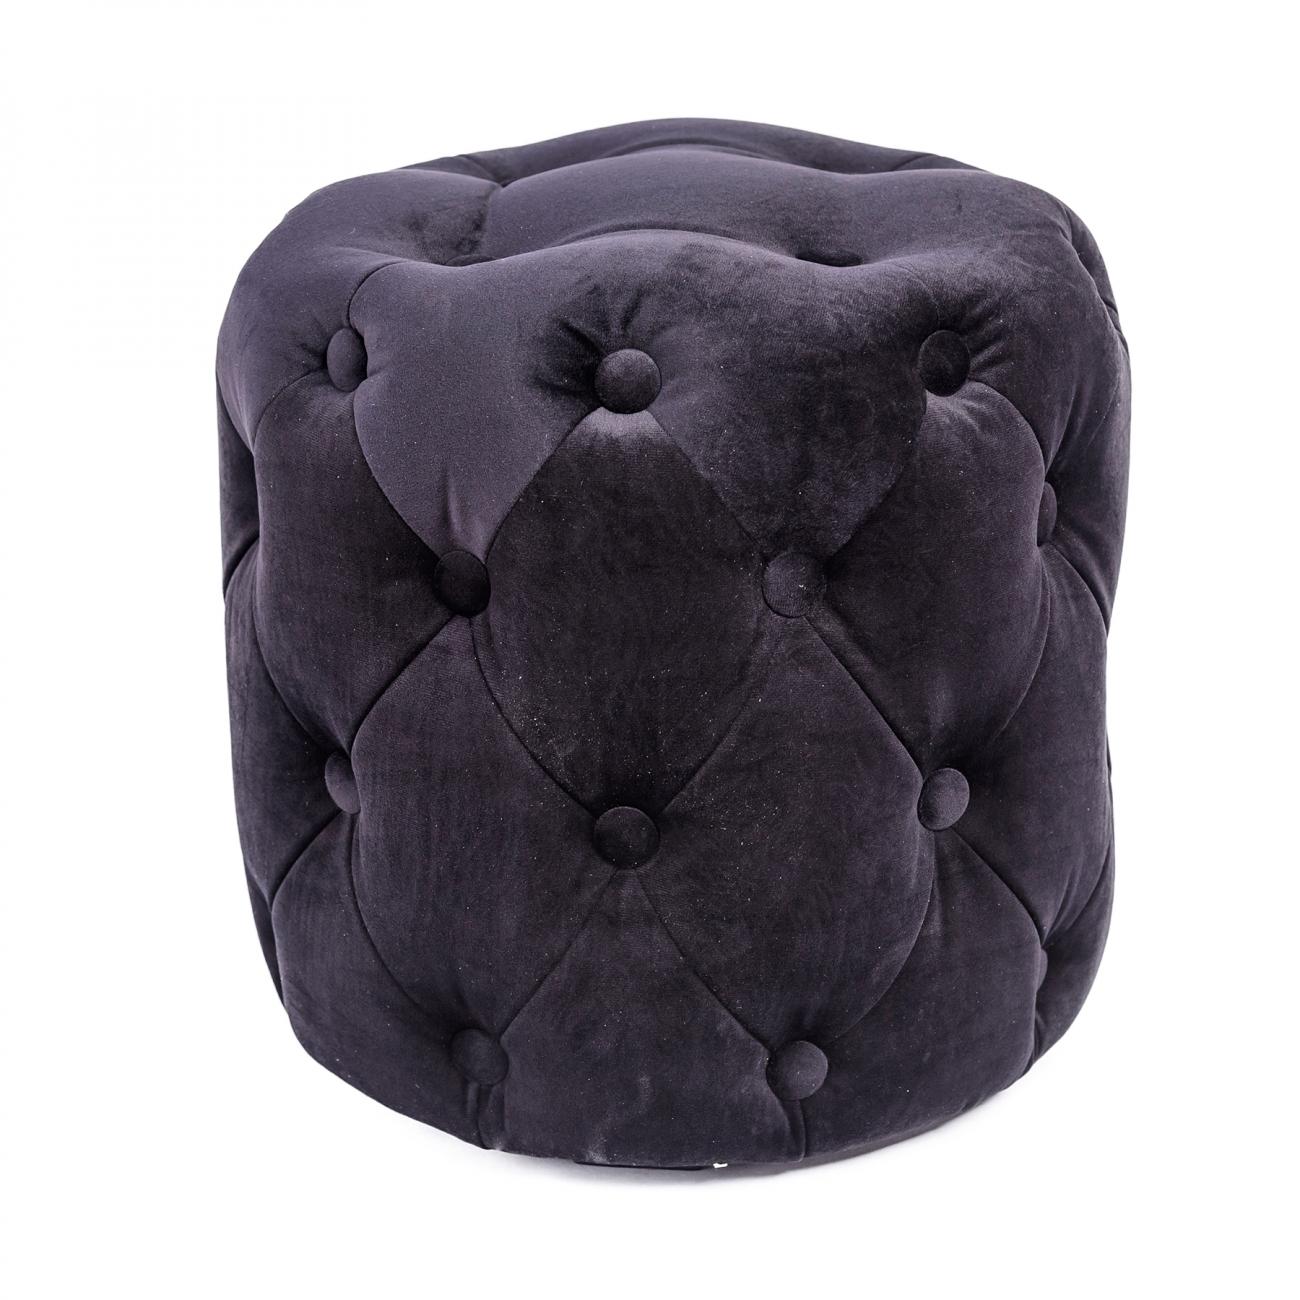 Купить Пуф Passion малый Чёрный в интернет магазине дизайнерской мебели и аксессуаров для дома и дачи